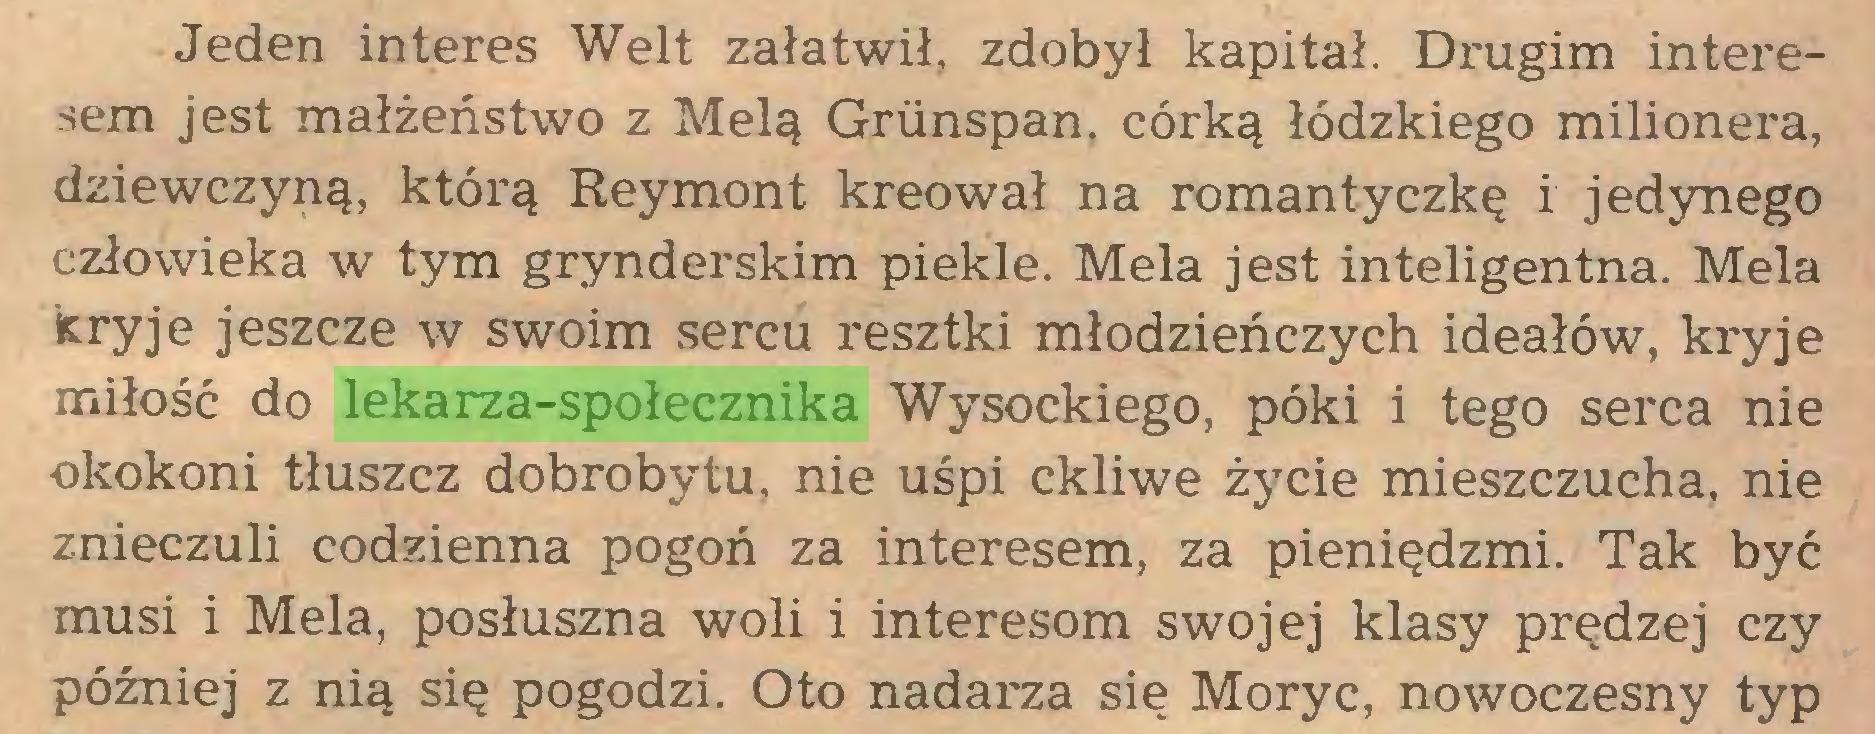 (...) Jeden interes Welt załatwił, zdobył kapitał. Drugim interesem jest małżeństwo z Melą Griinspan. córką łódzkiego milionera, dziewczyną, którą Reymont kreował na romantyczkę i jedynego człowieka w tym grynderskim piekle. Mela jest inteligentna. Mela kryje jeszcze w swoim sercu resztki młodzieńczych ideałów, kryje miłość do lekarza-społecznika Wysockiego, póki i tego serca nie okokoni tłuszcz dobrobytu, nie uśpi ckliwe życie mieszczucha, nie znieczuli codzienna pogoń za interesem, za pieniędzmi. Tak być musi i Mela, posłuszna woli i interesom swojej klasy prędzej czy później z nią się pogodzi. Oto nadarza się Moryc, nowoczesny typ...